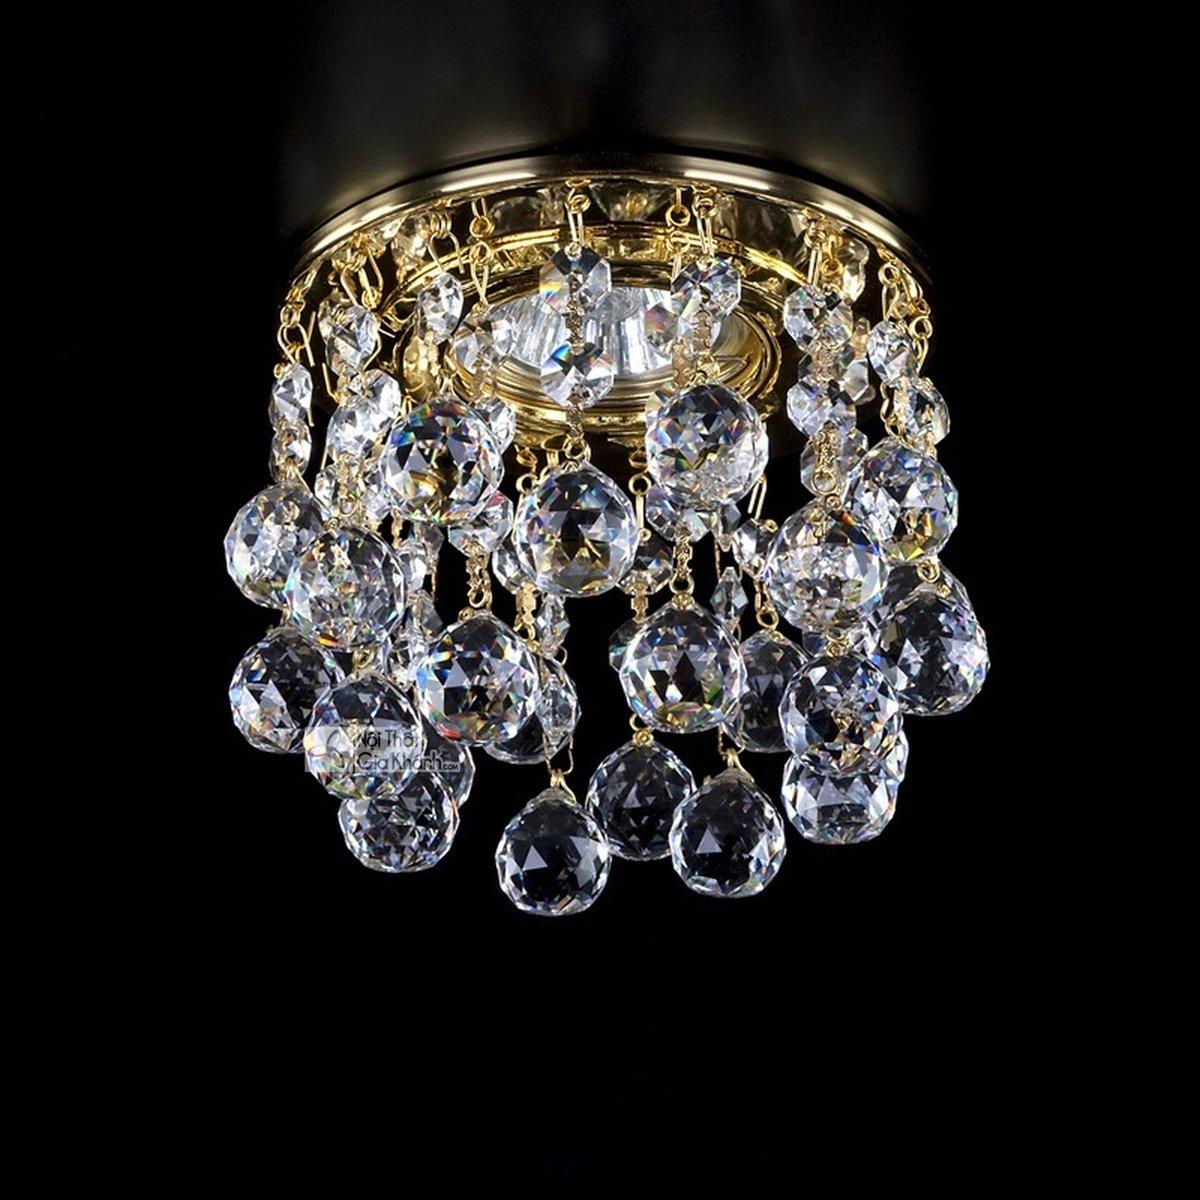 Mẫu đèn chùm pha lê cao cấp cho không gian thêm sang trọng - mau den pha le cao cap cho khong gian them sang trong 2